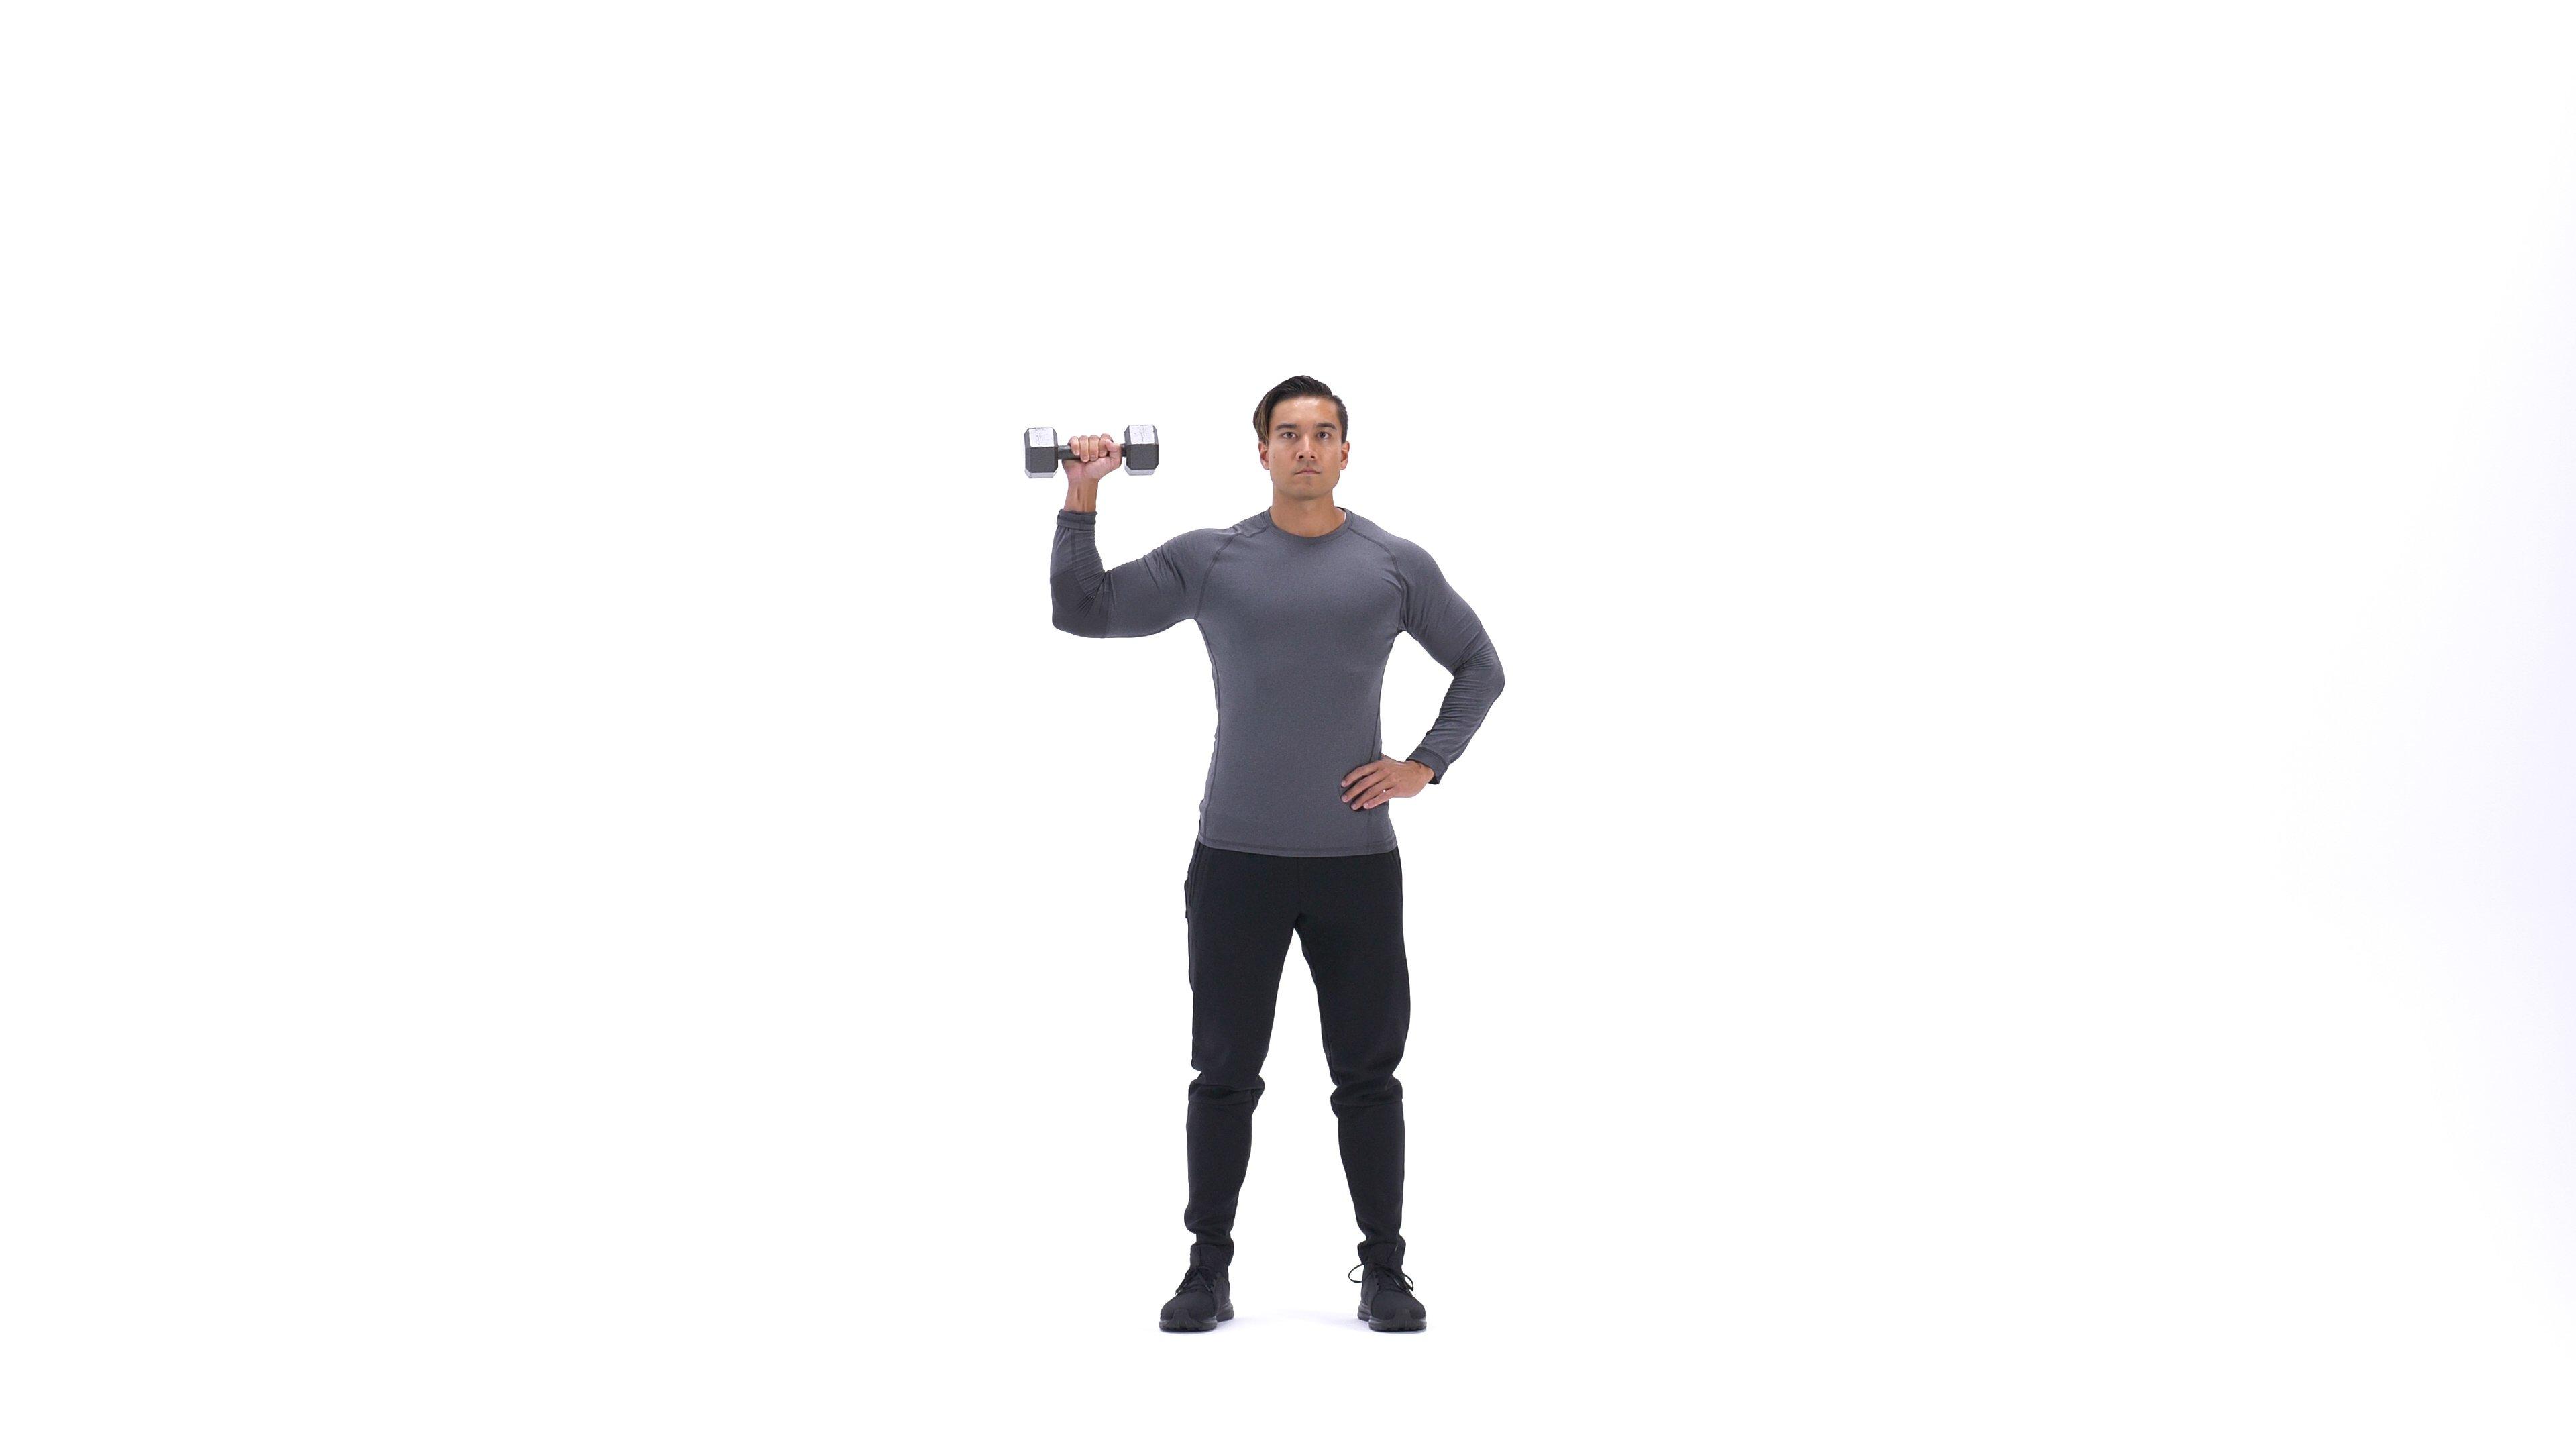 Single-arm standing shoulder press image